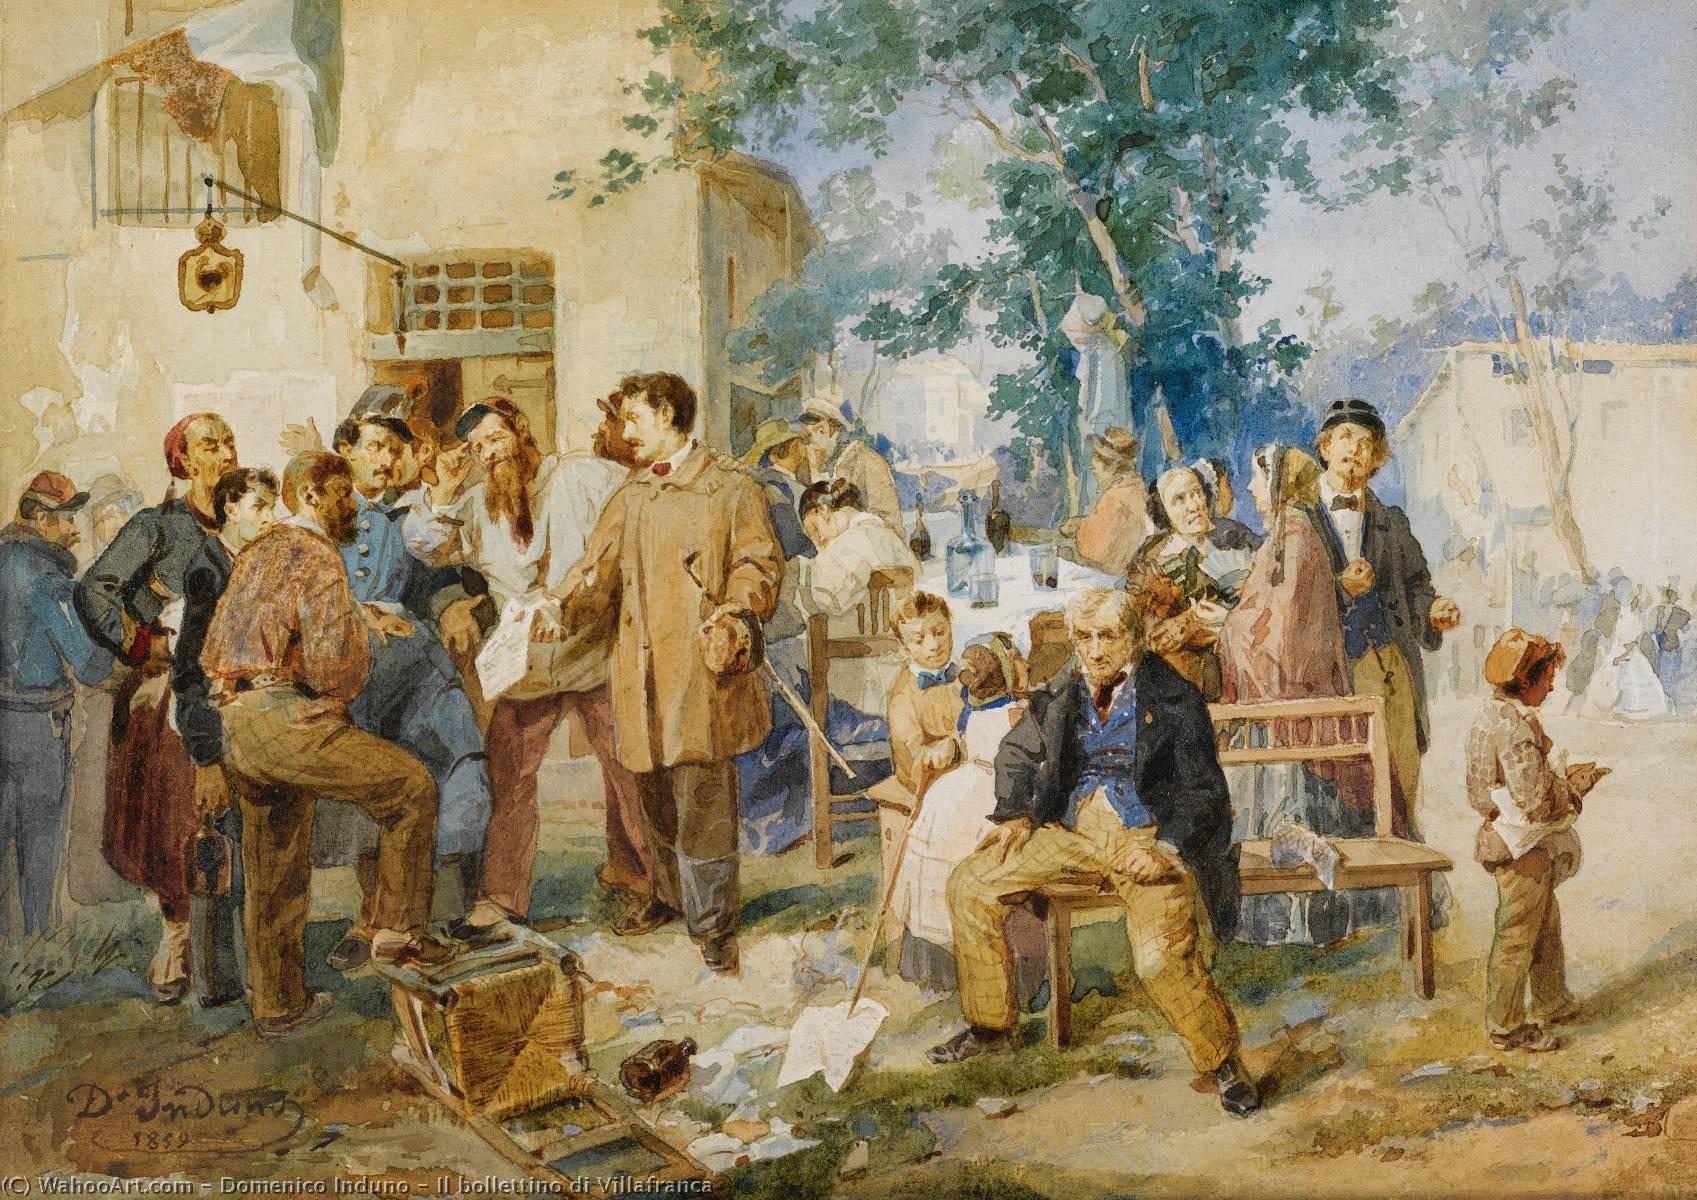 Wikioo.org - The Encyclopedia of Fine Arts - Painting, Artwork by Domenico Induno - Il bollettino di Villafranca